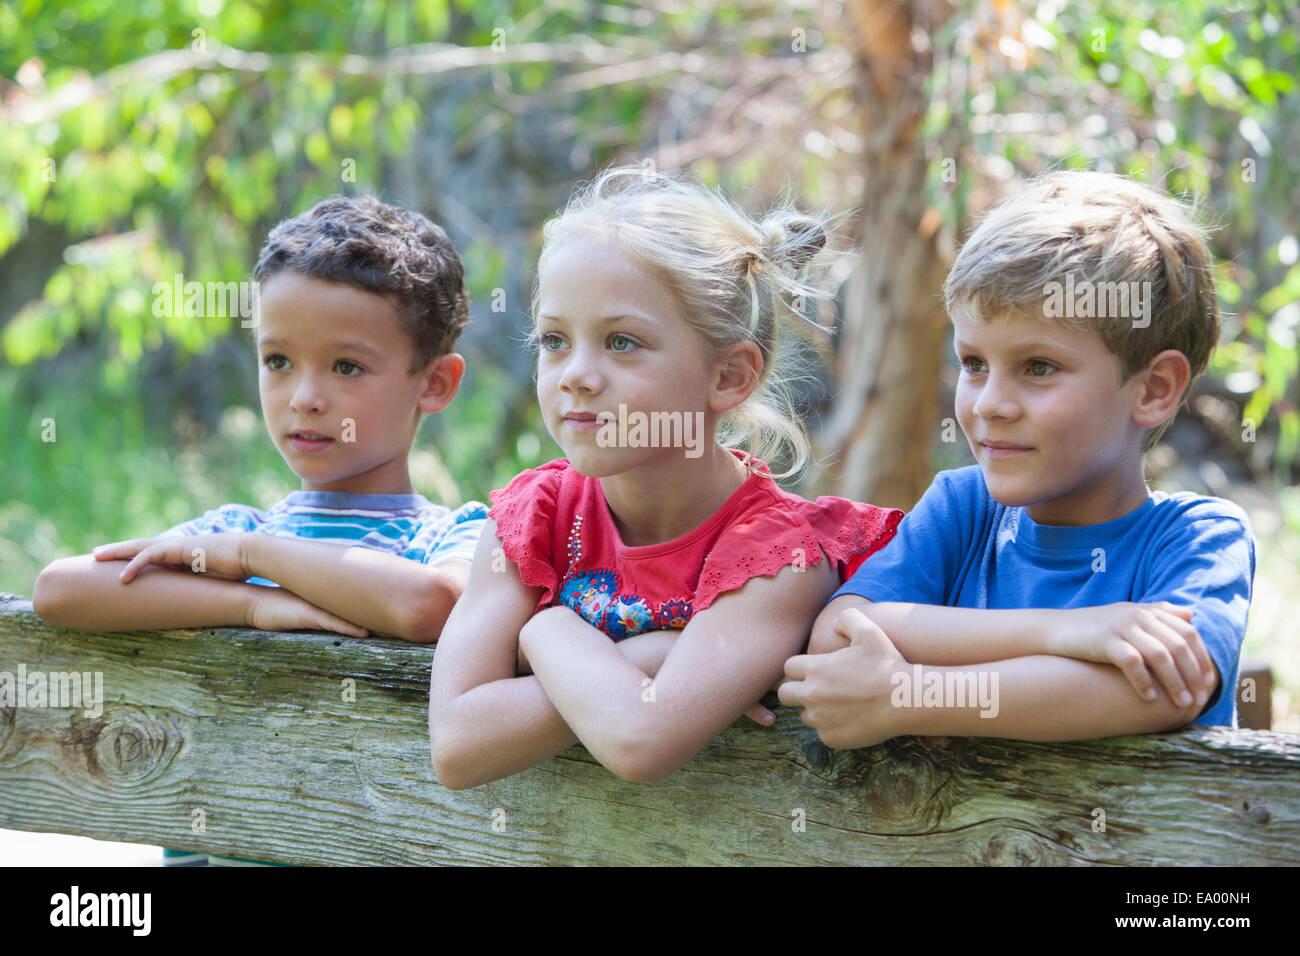 Drei Kinder, stützte sich auf Zaun wegschauen Stockbild